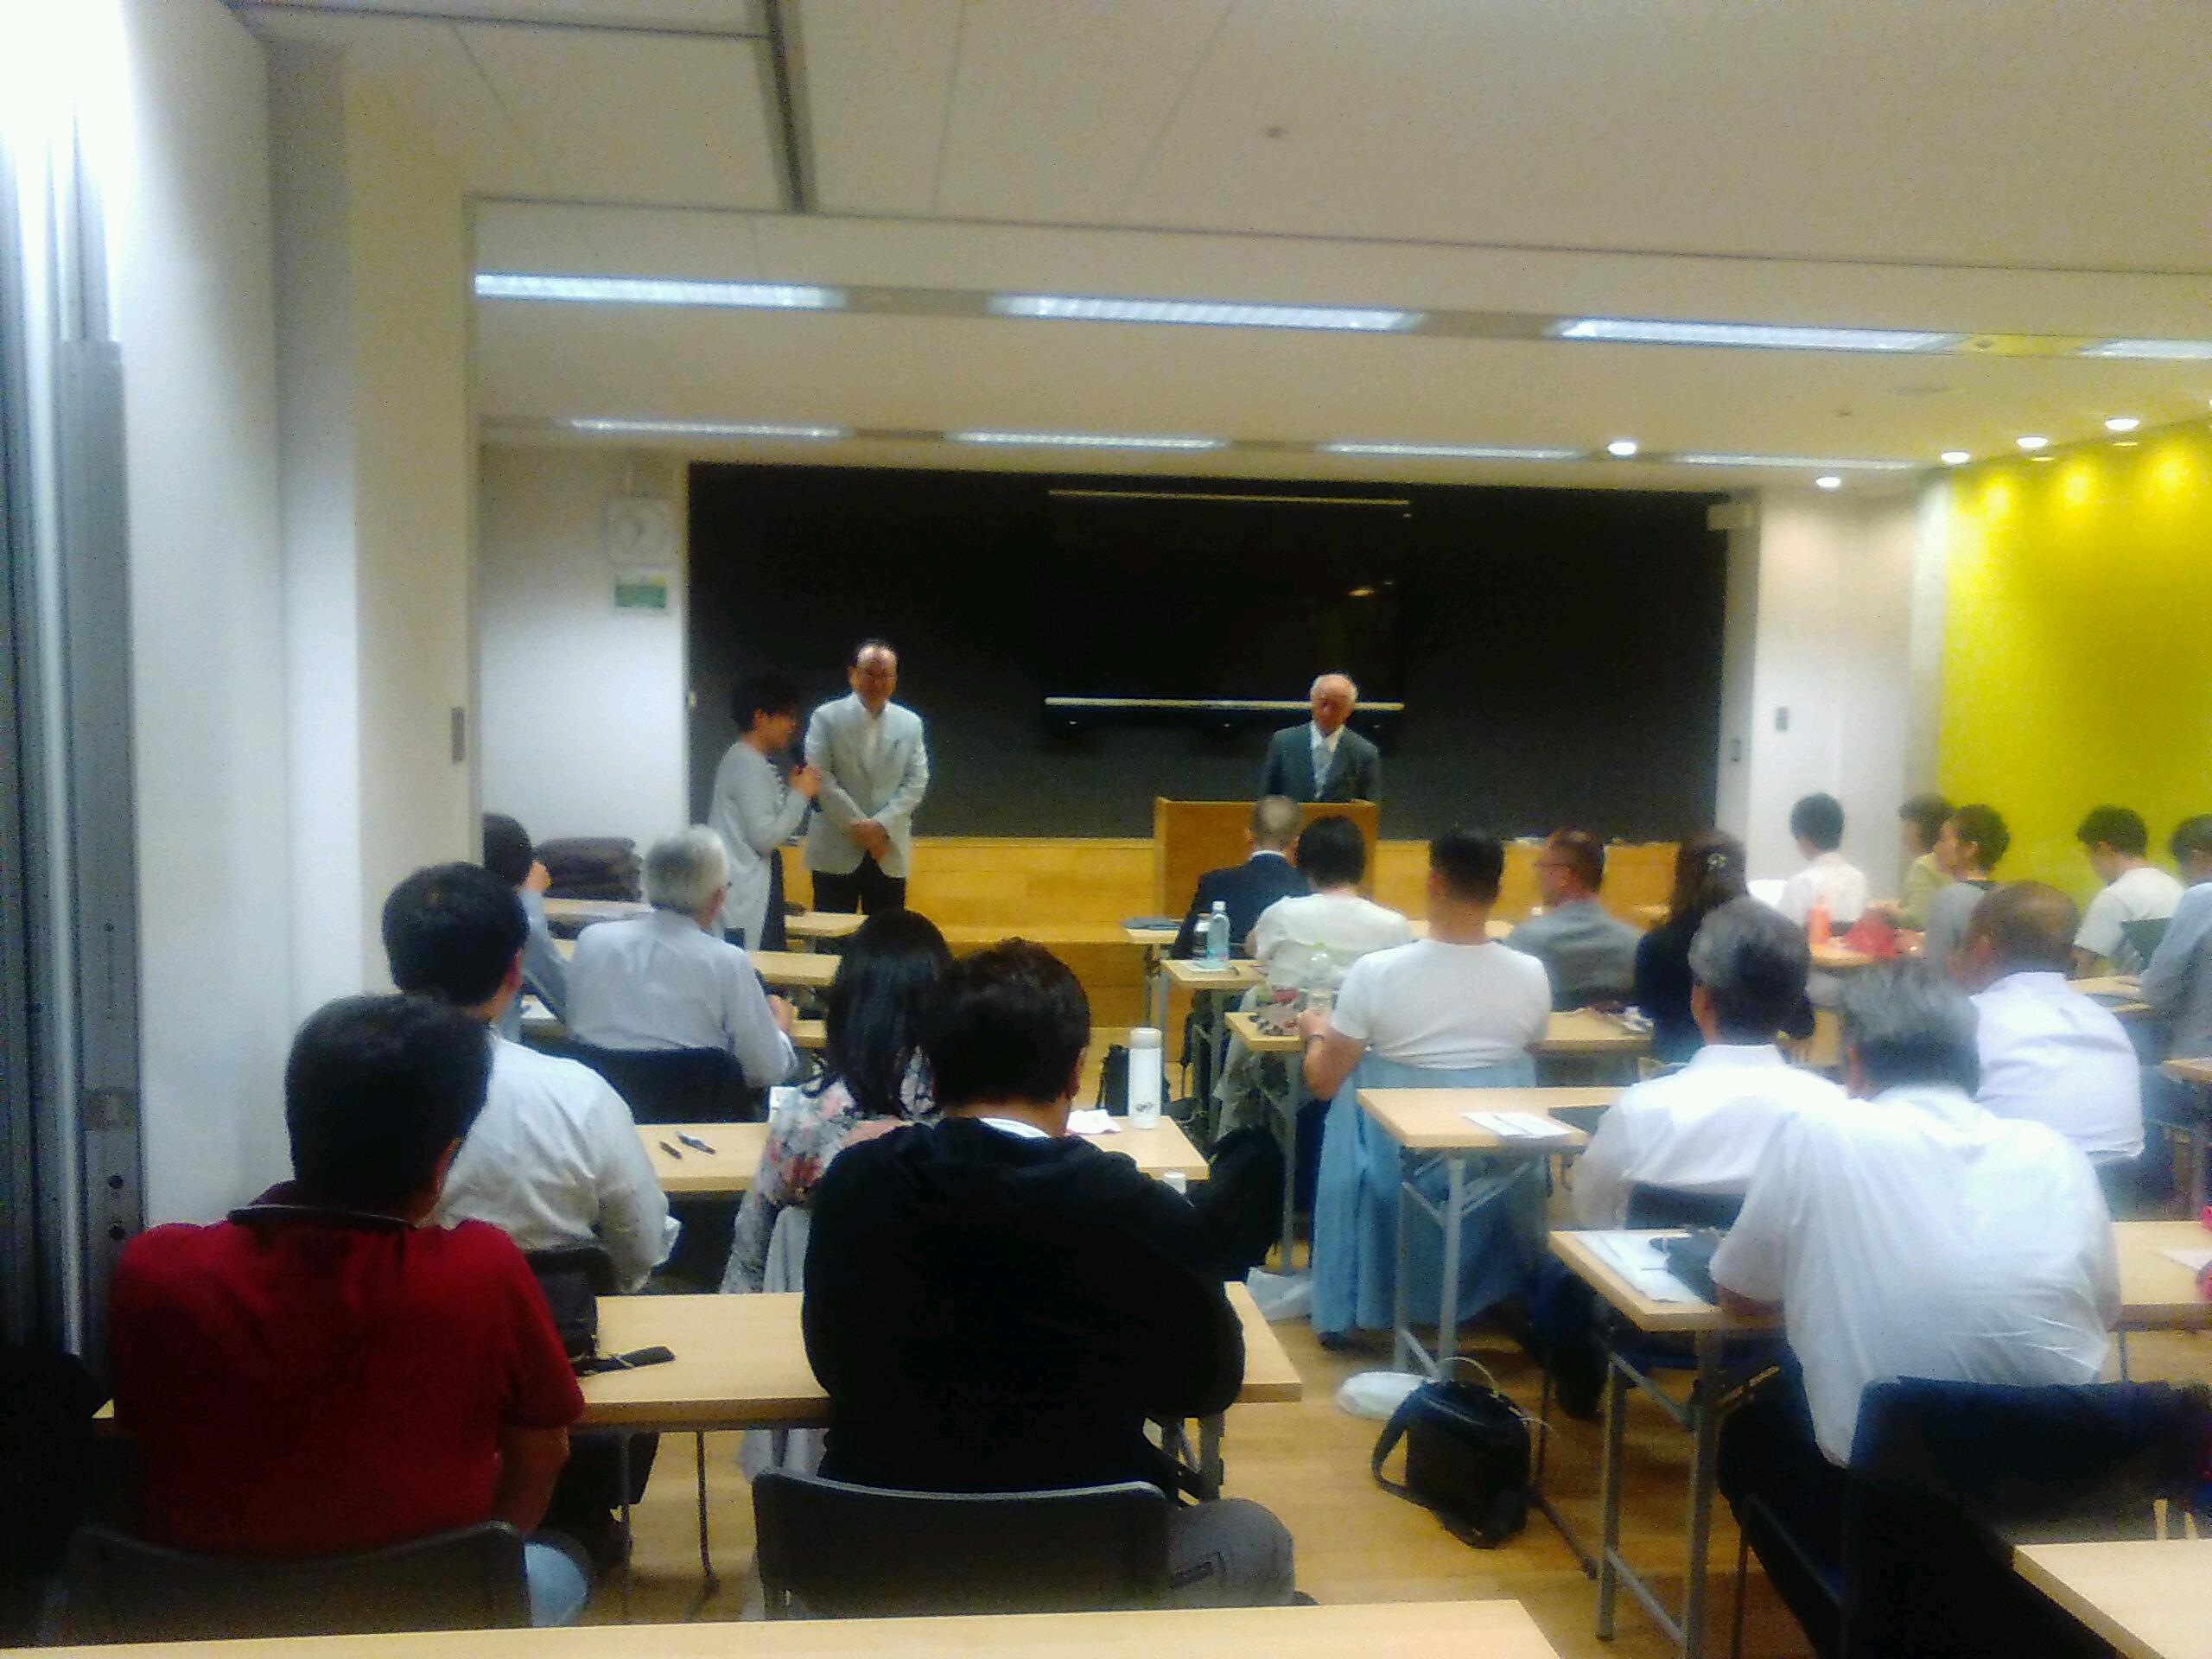 20181006185517 - 2018年10月6日(土)第5回東京思風塾開催しました。